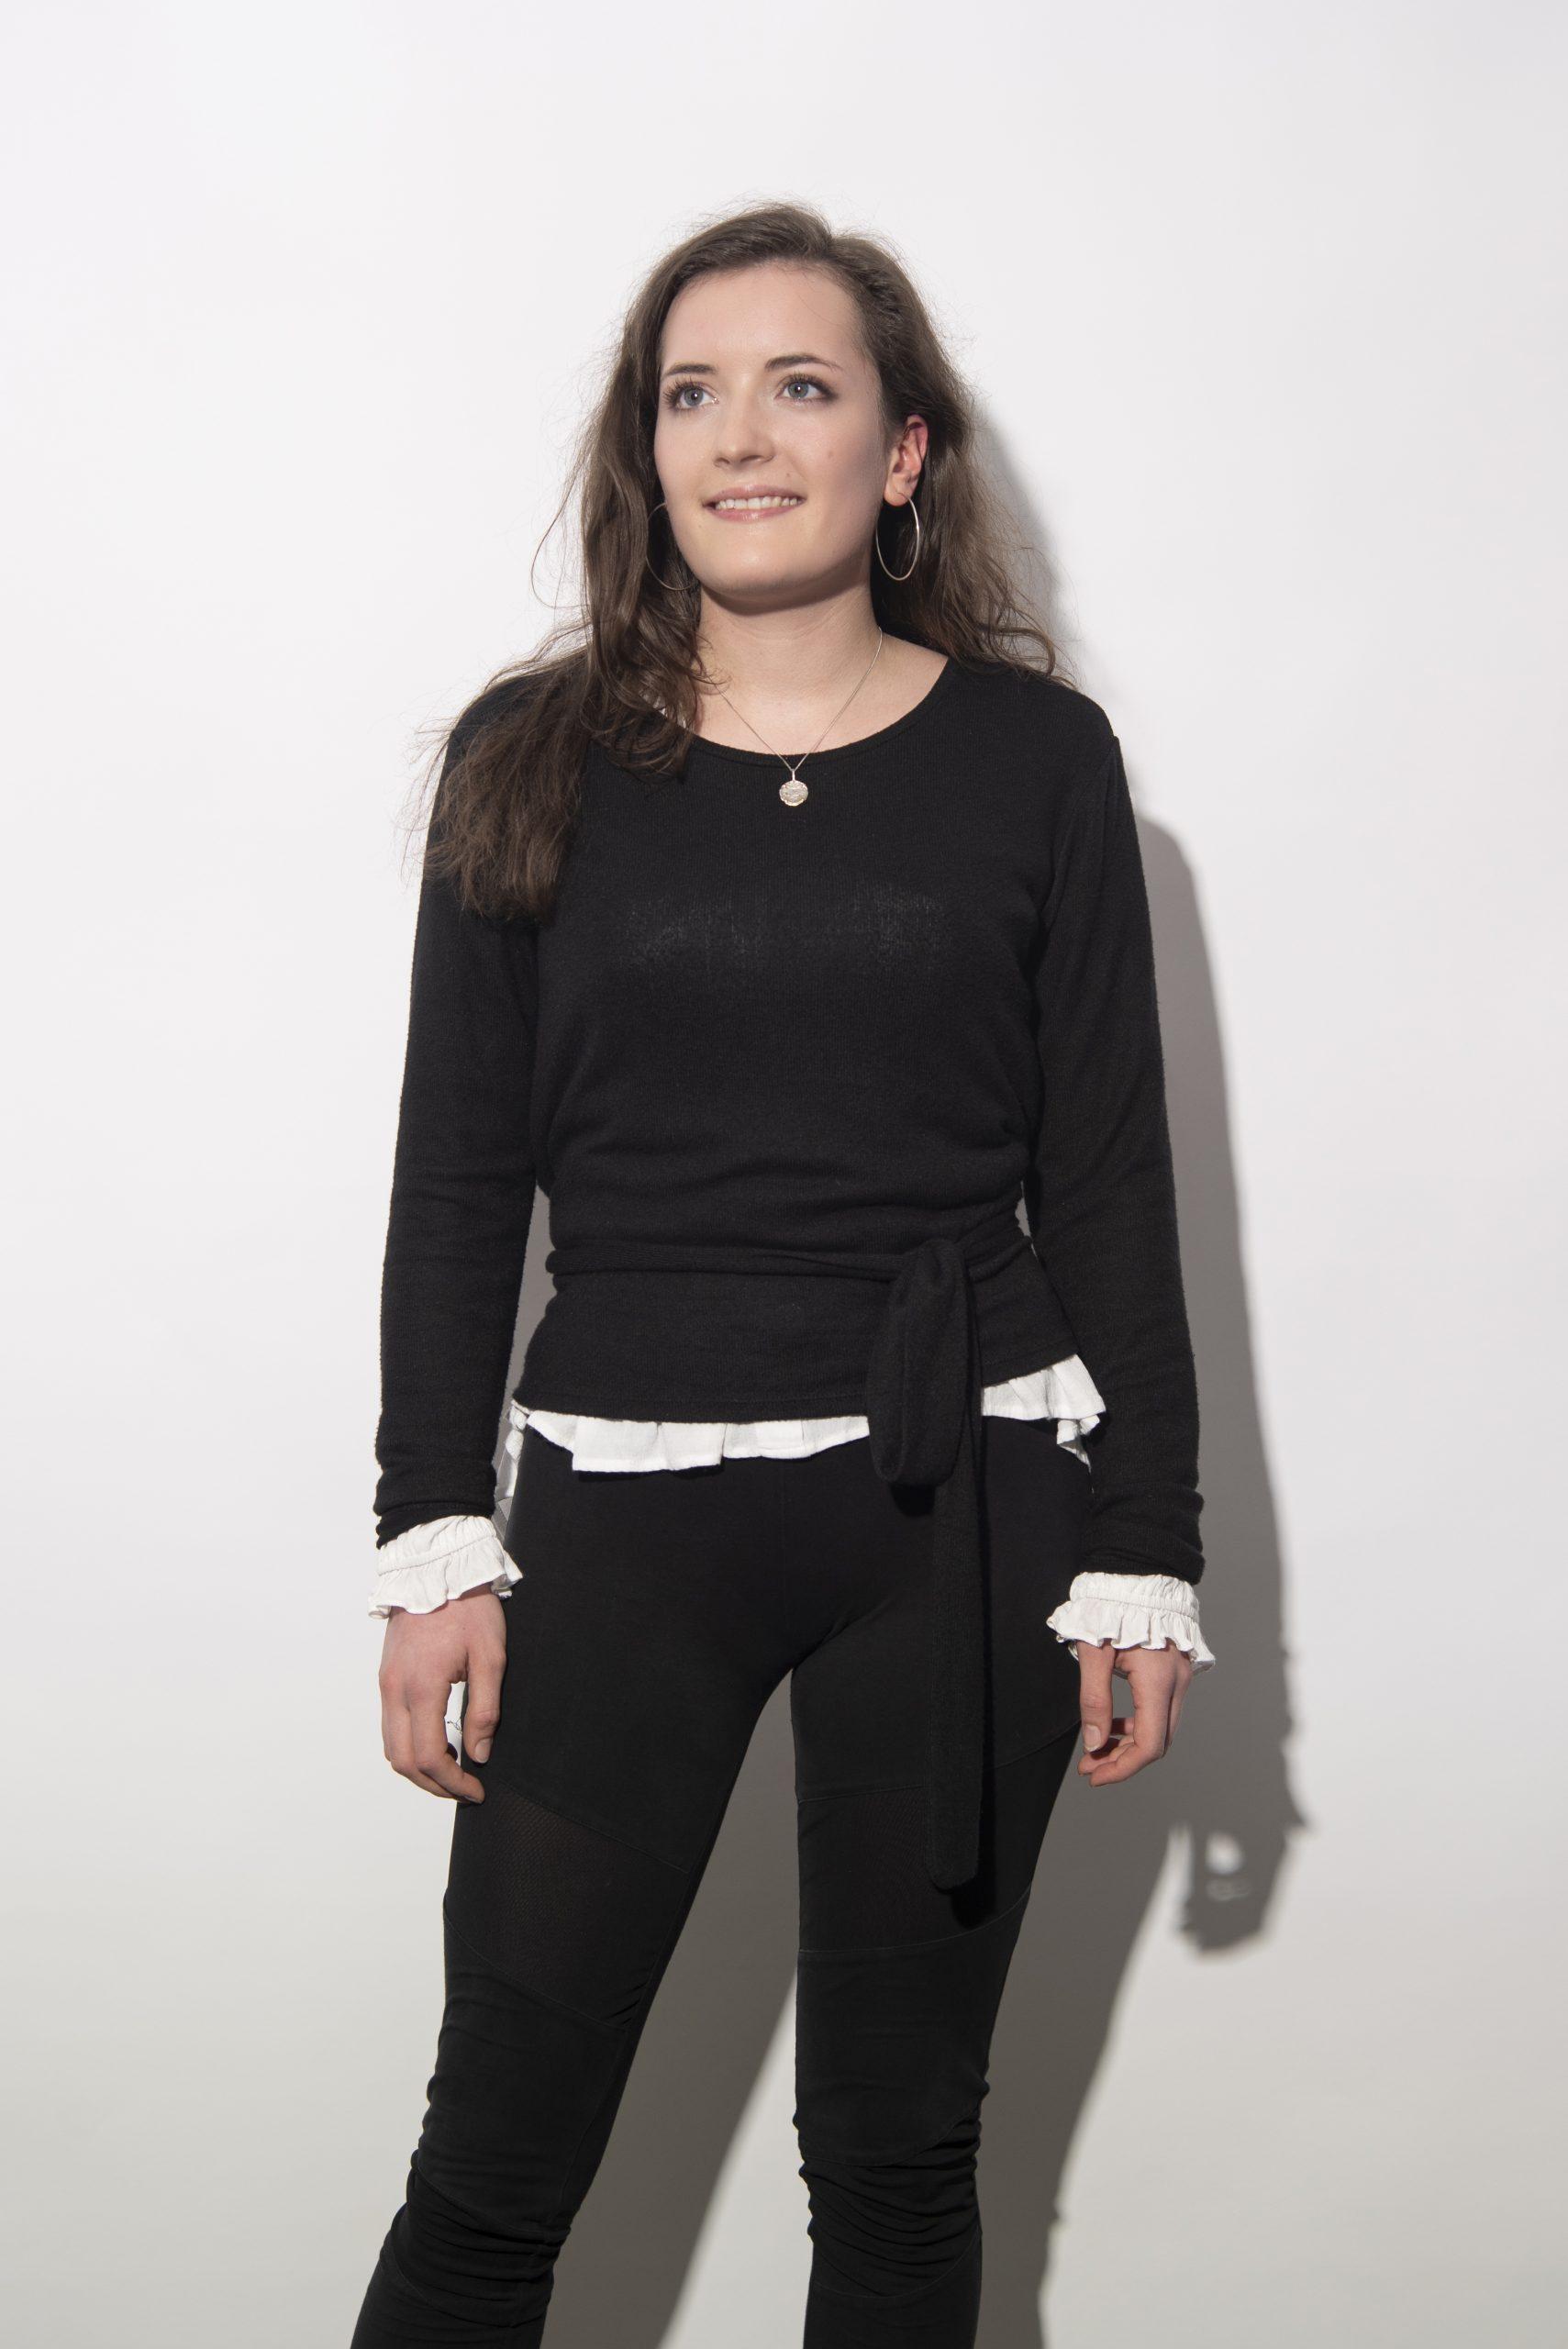 Tonia Koppenhöfer